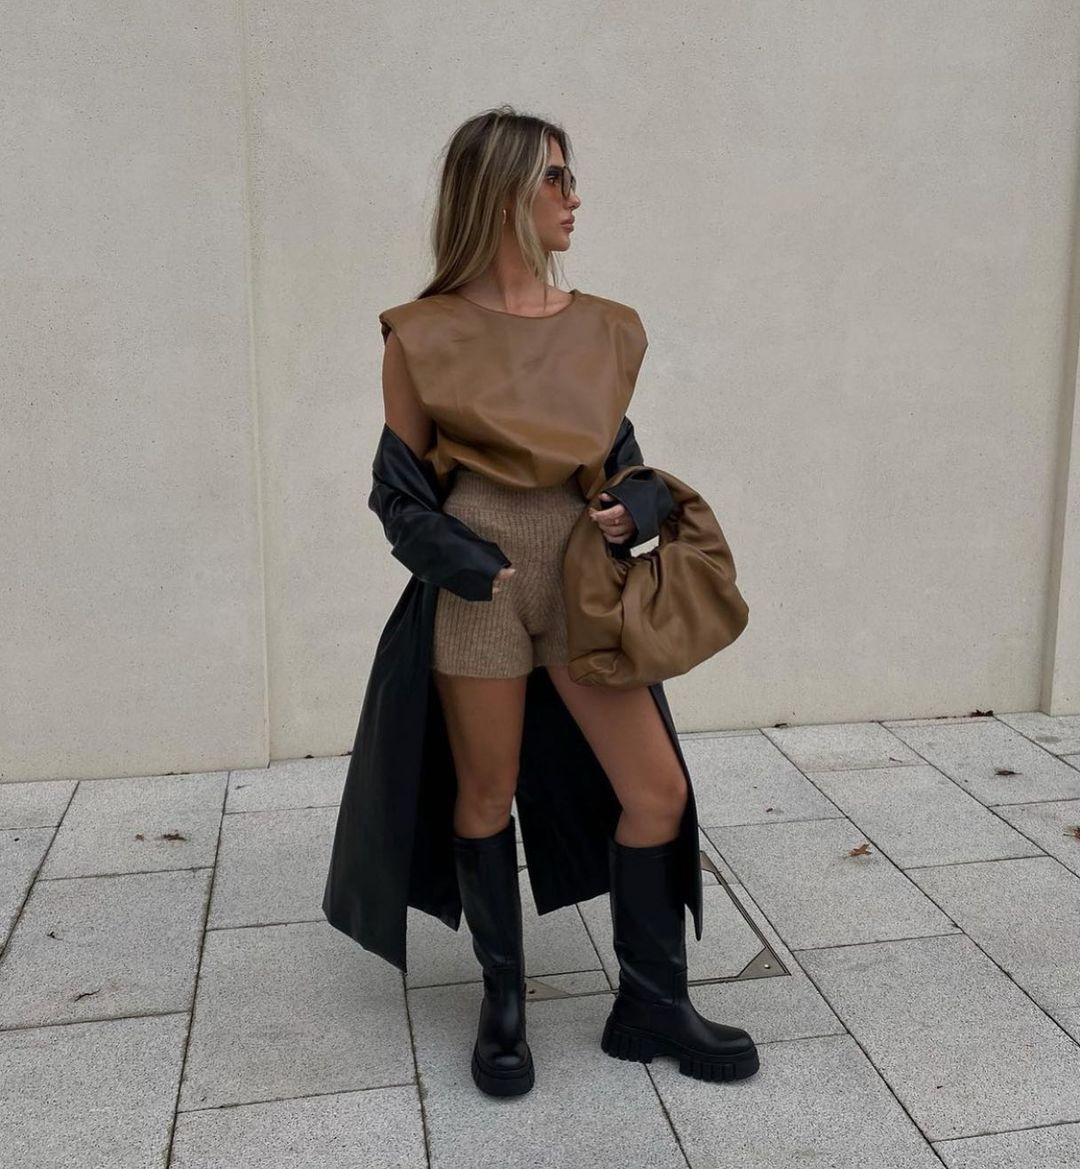 ribbed shorts de Zara sur zarastreetstyle